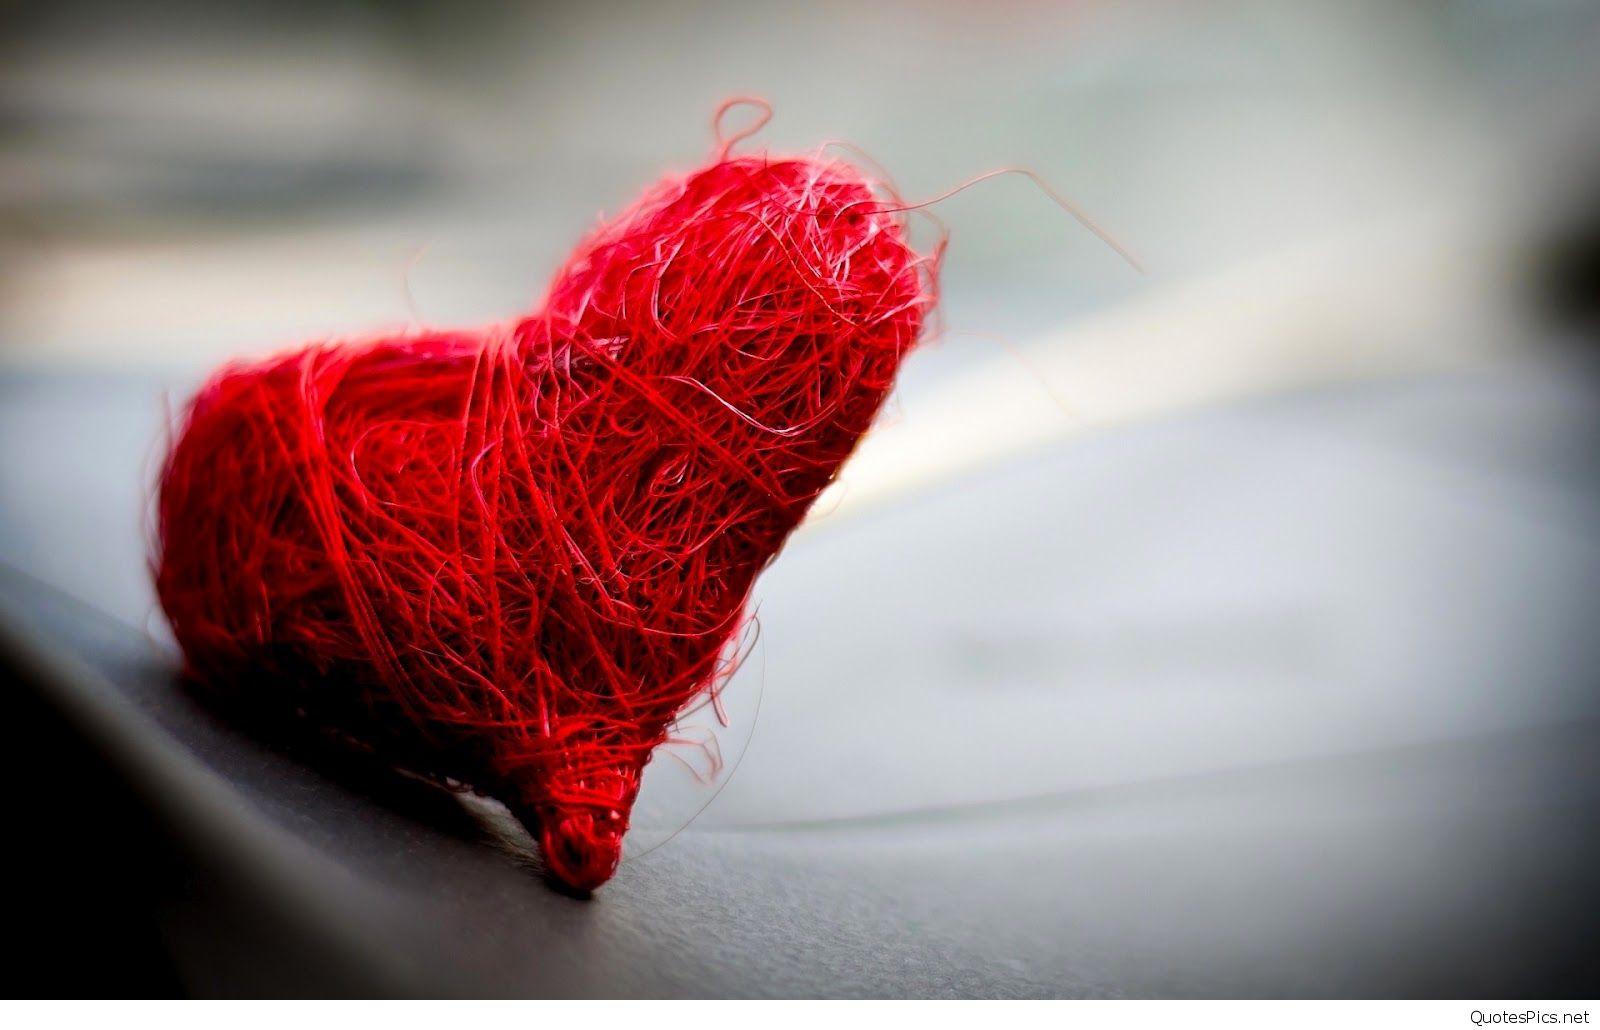 broken heart hd wallpaper,red,thread,wool,textile,close up